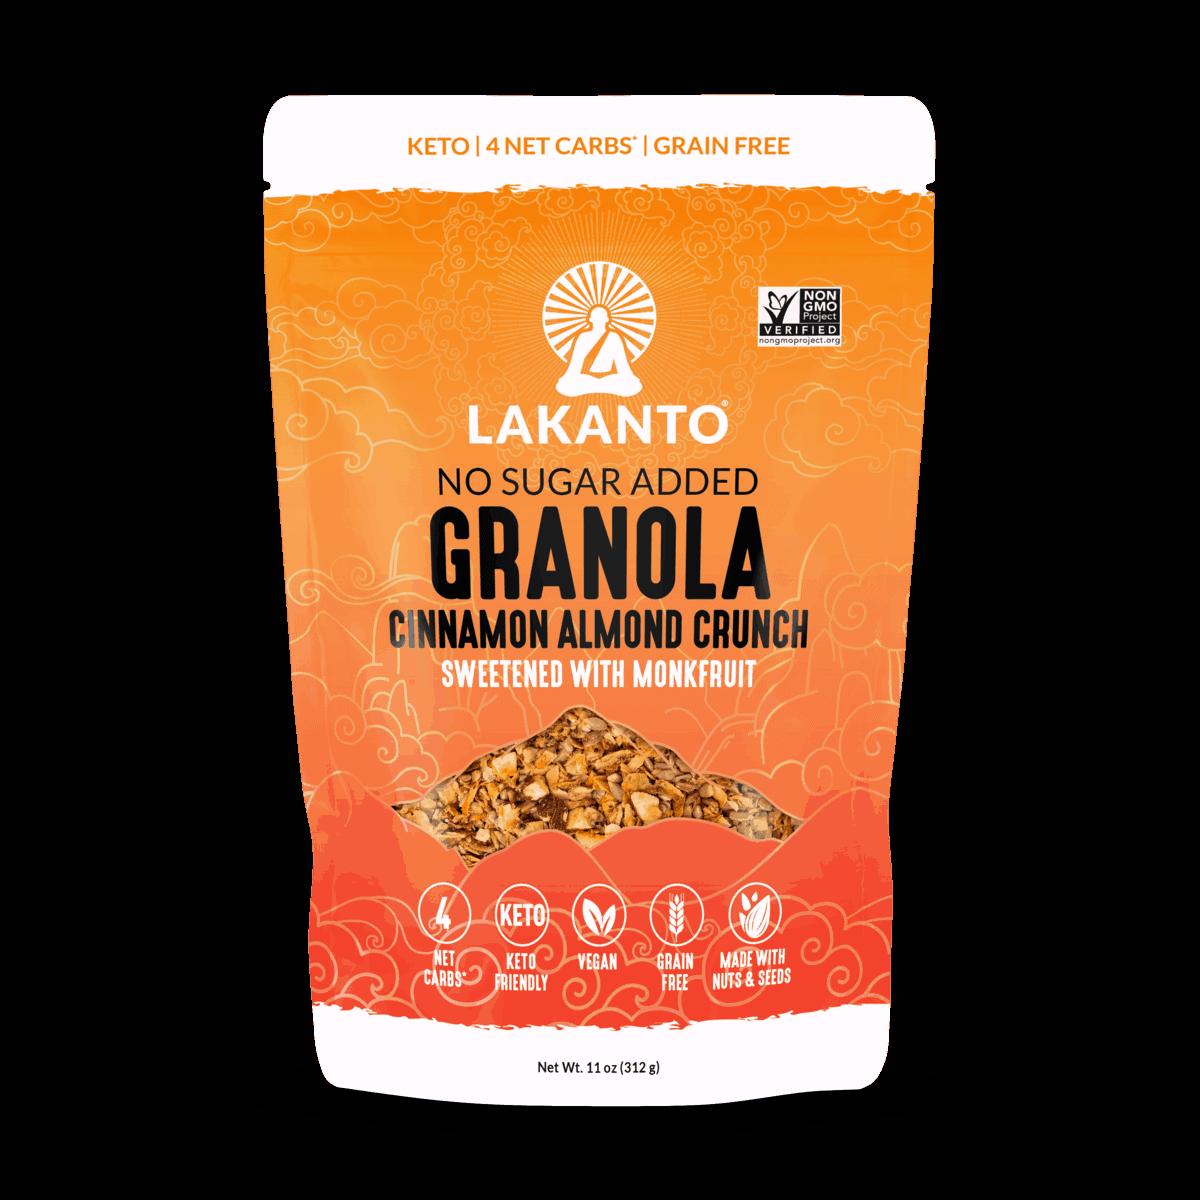 Cinnamon Almond Crunch Granola